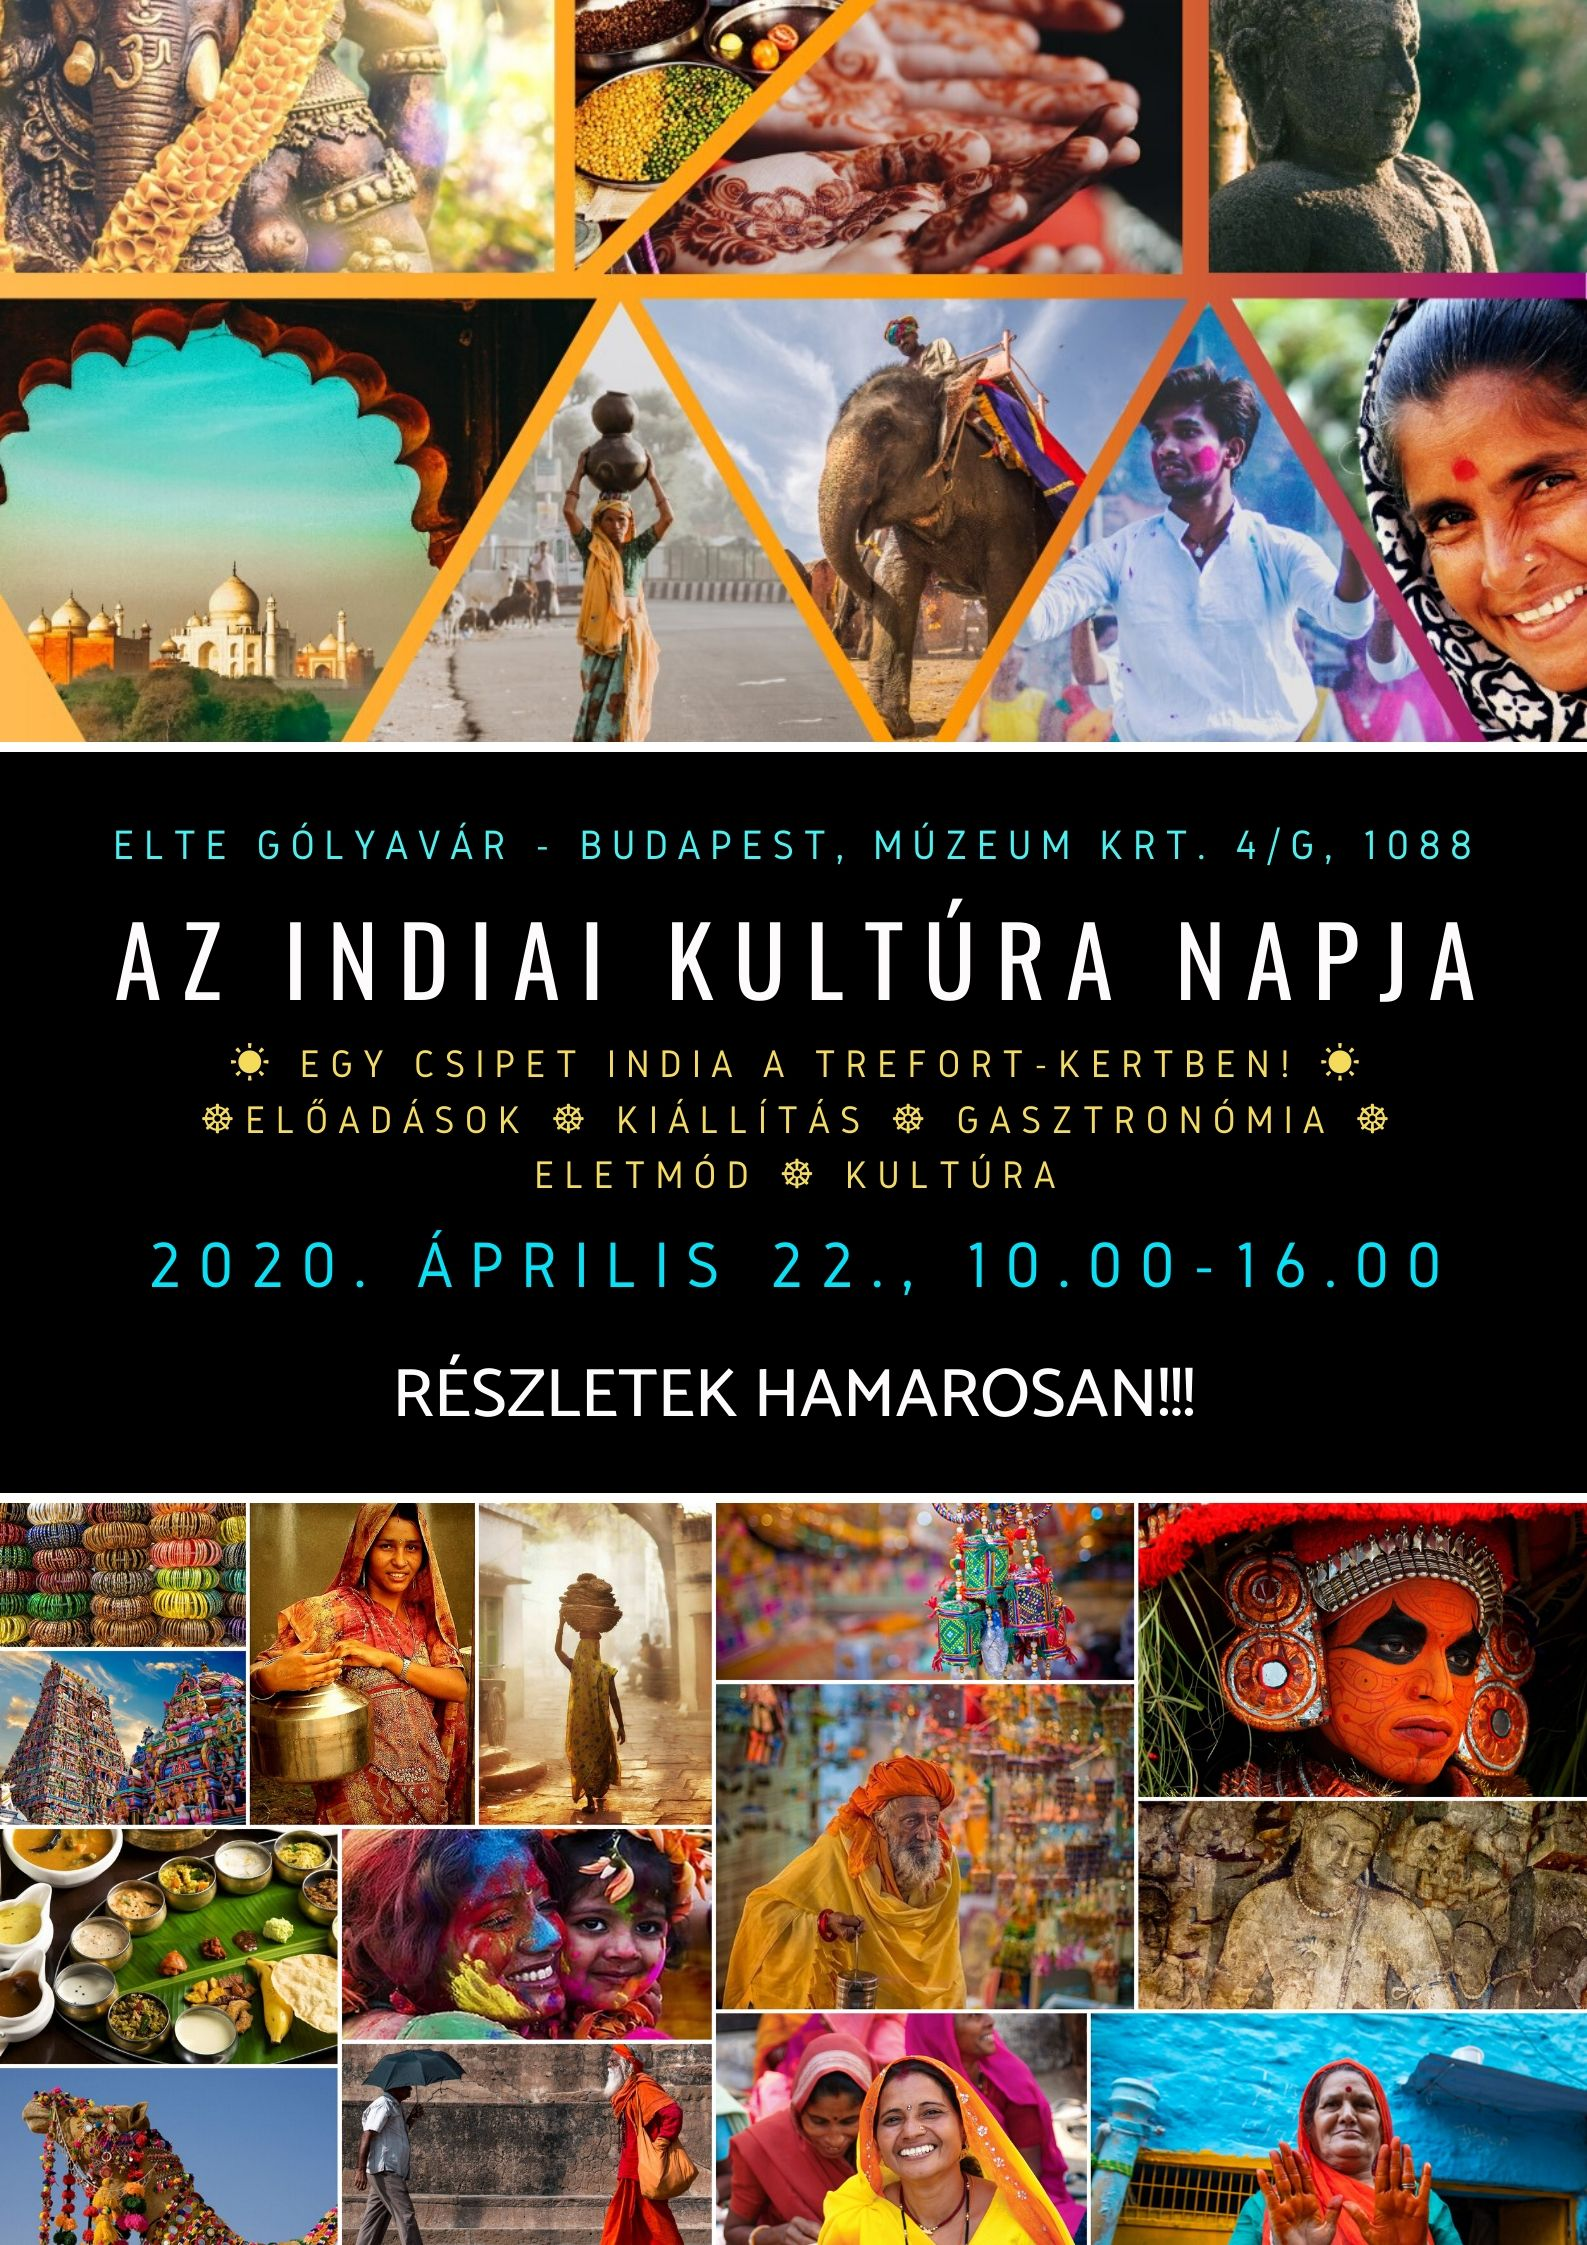 ELHALASZTVA_Az Indiai Kultúra Napja